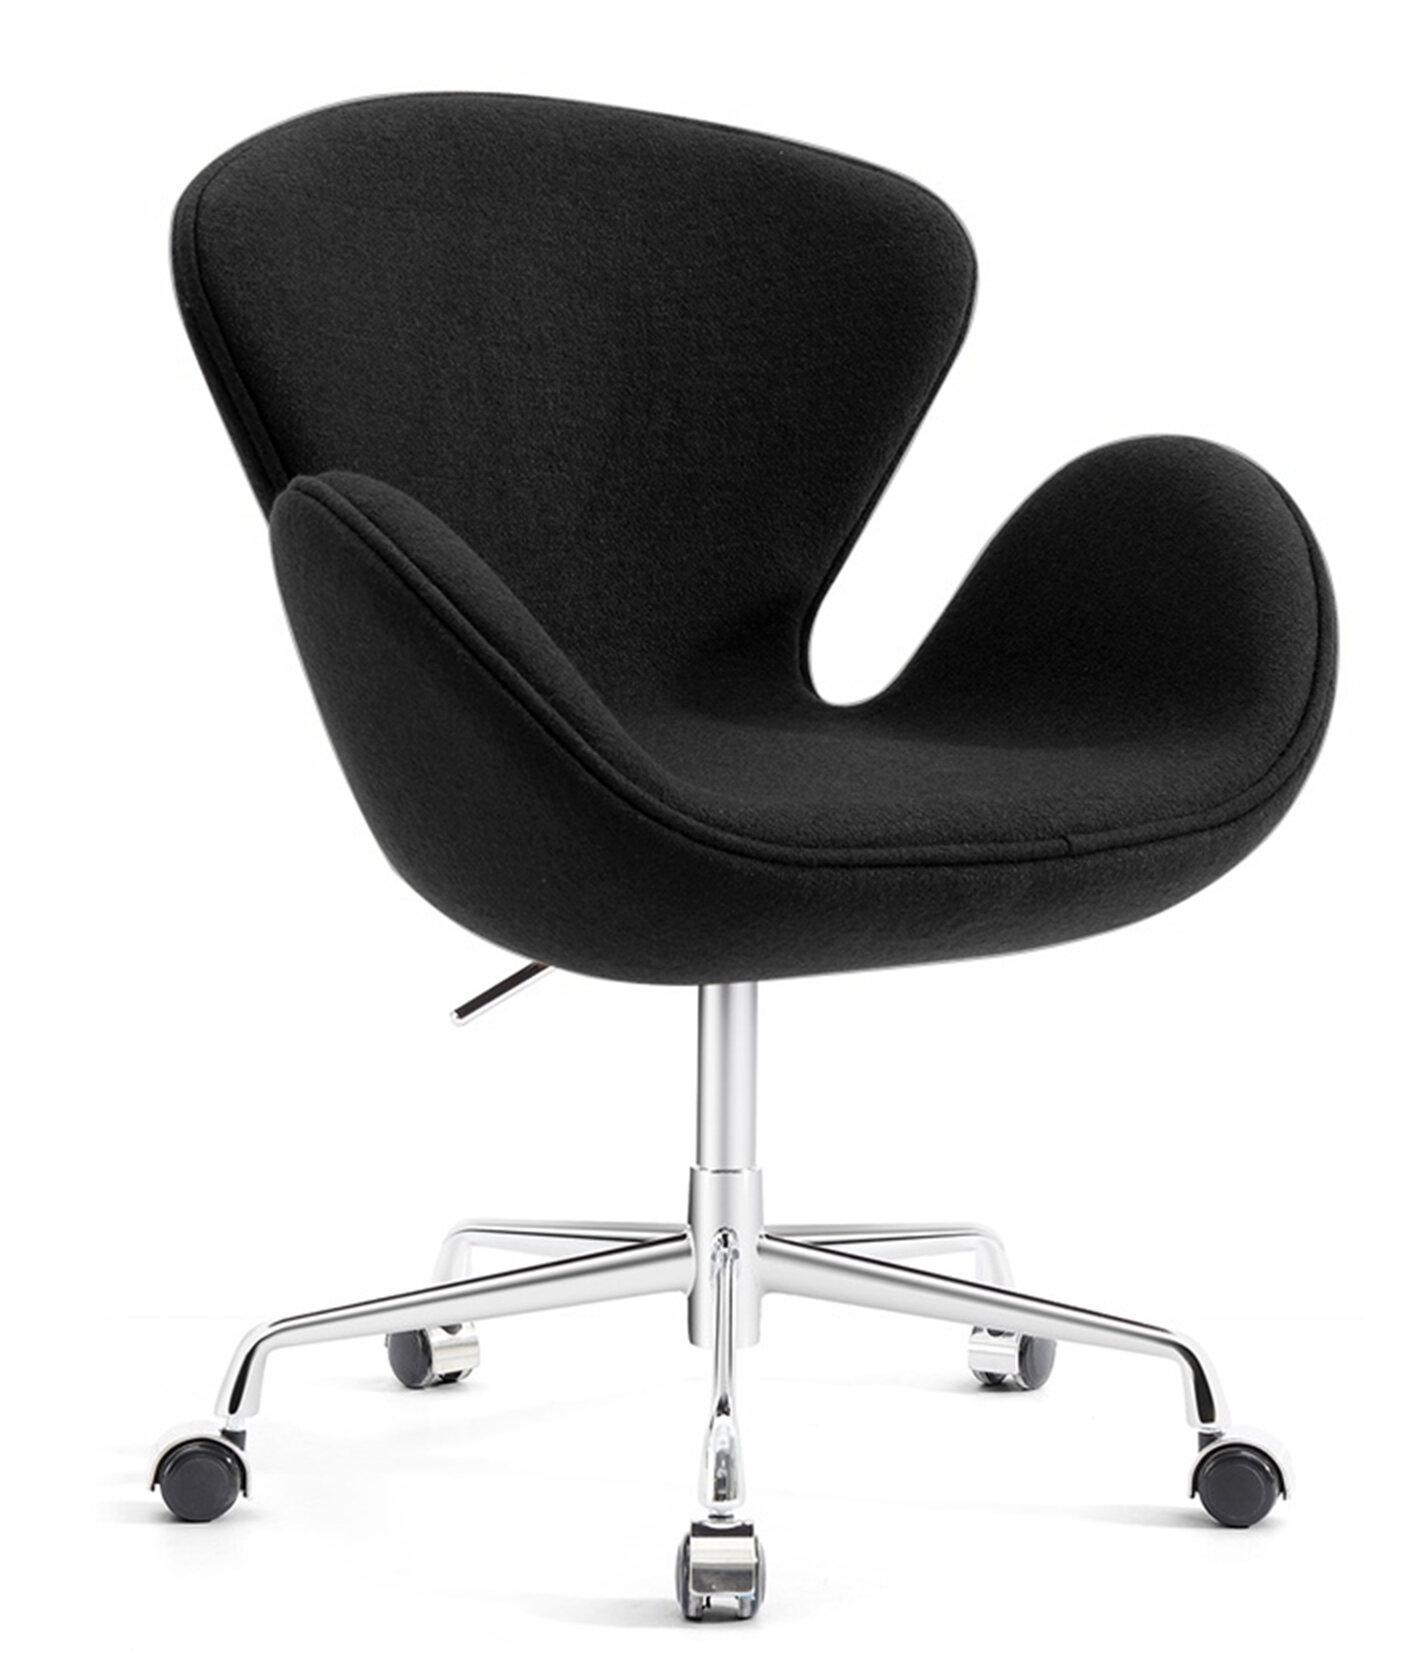 Orren Ellis Joann Mid Century Modern Living Room Upholstered